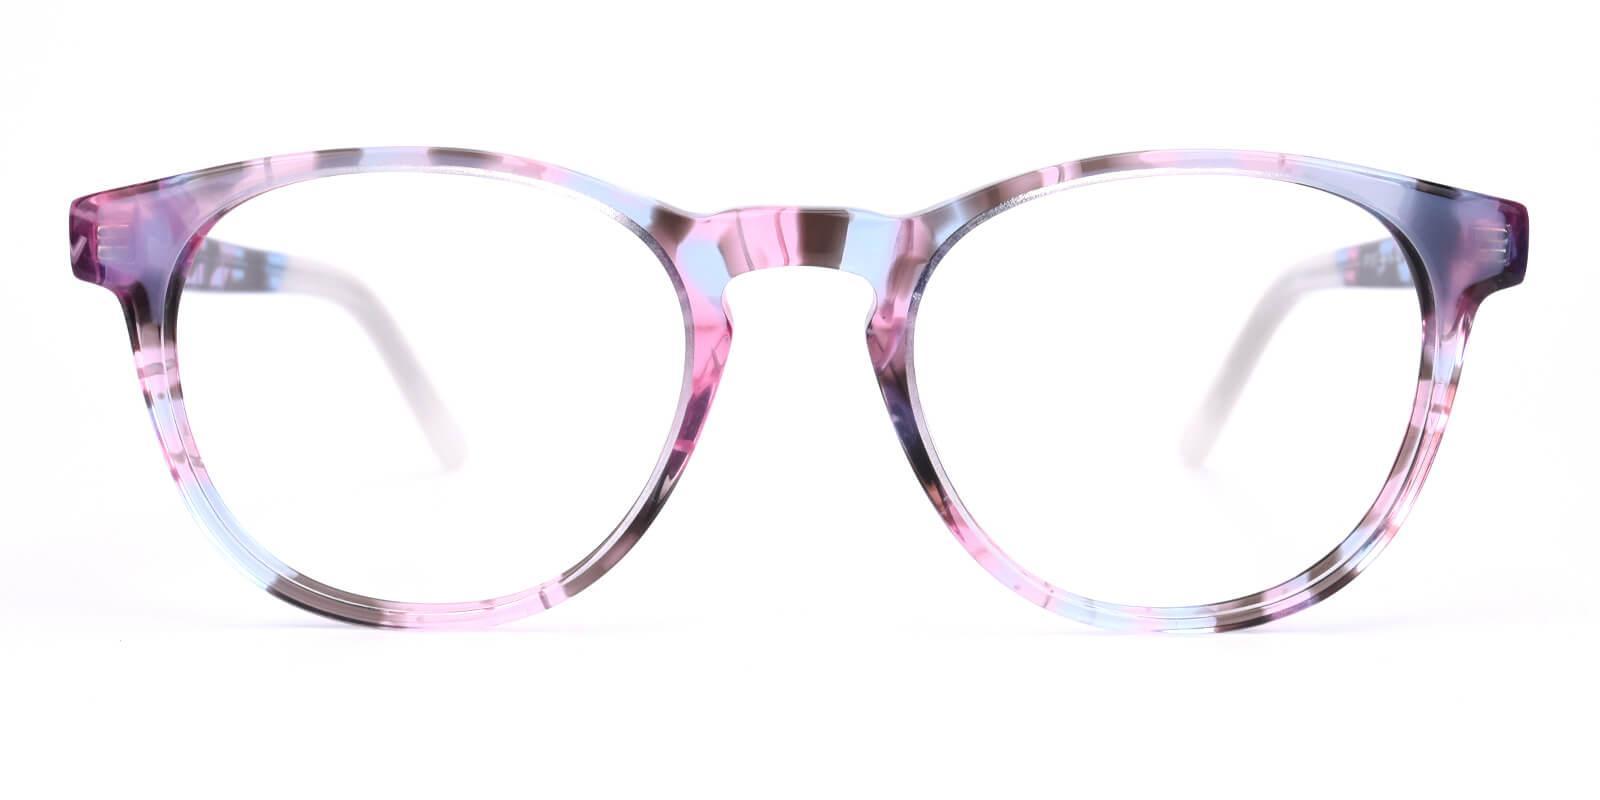 Debbine-Pink-Oval-Acetate-Eyeglasses-additional2